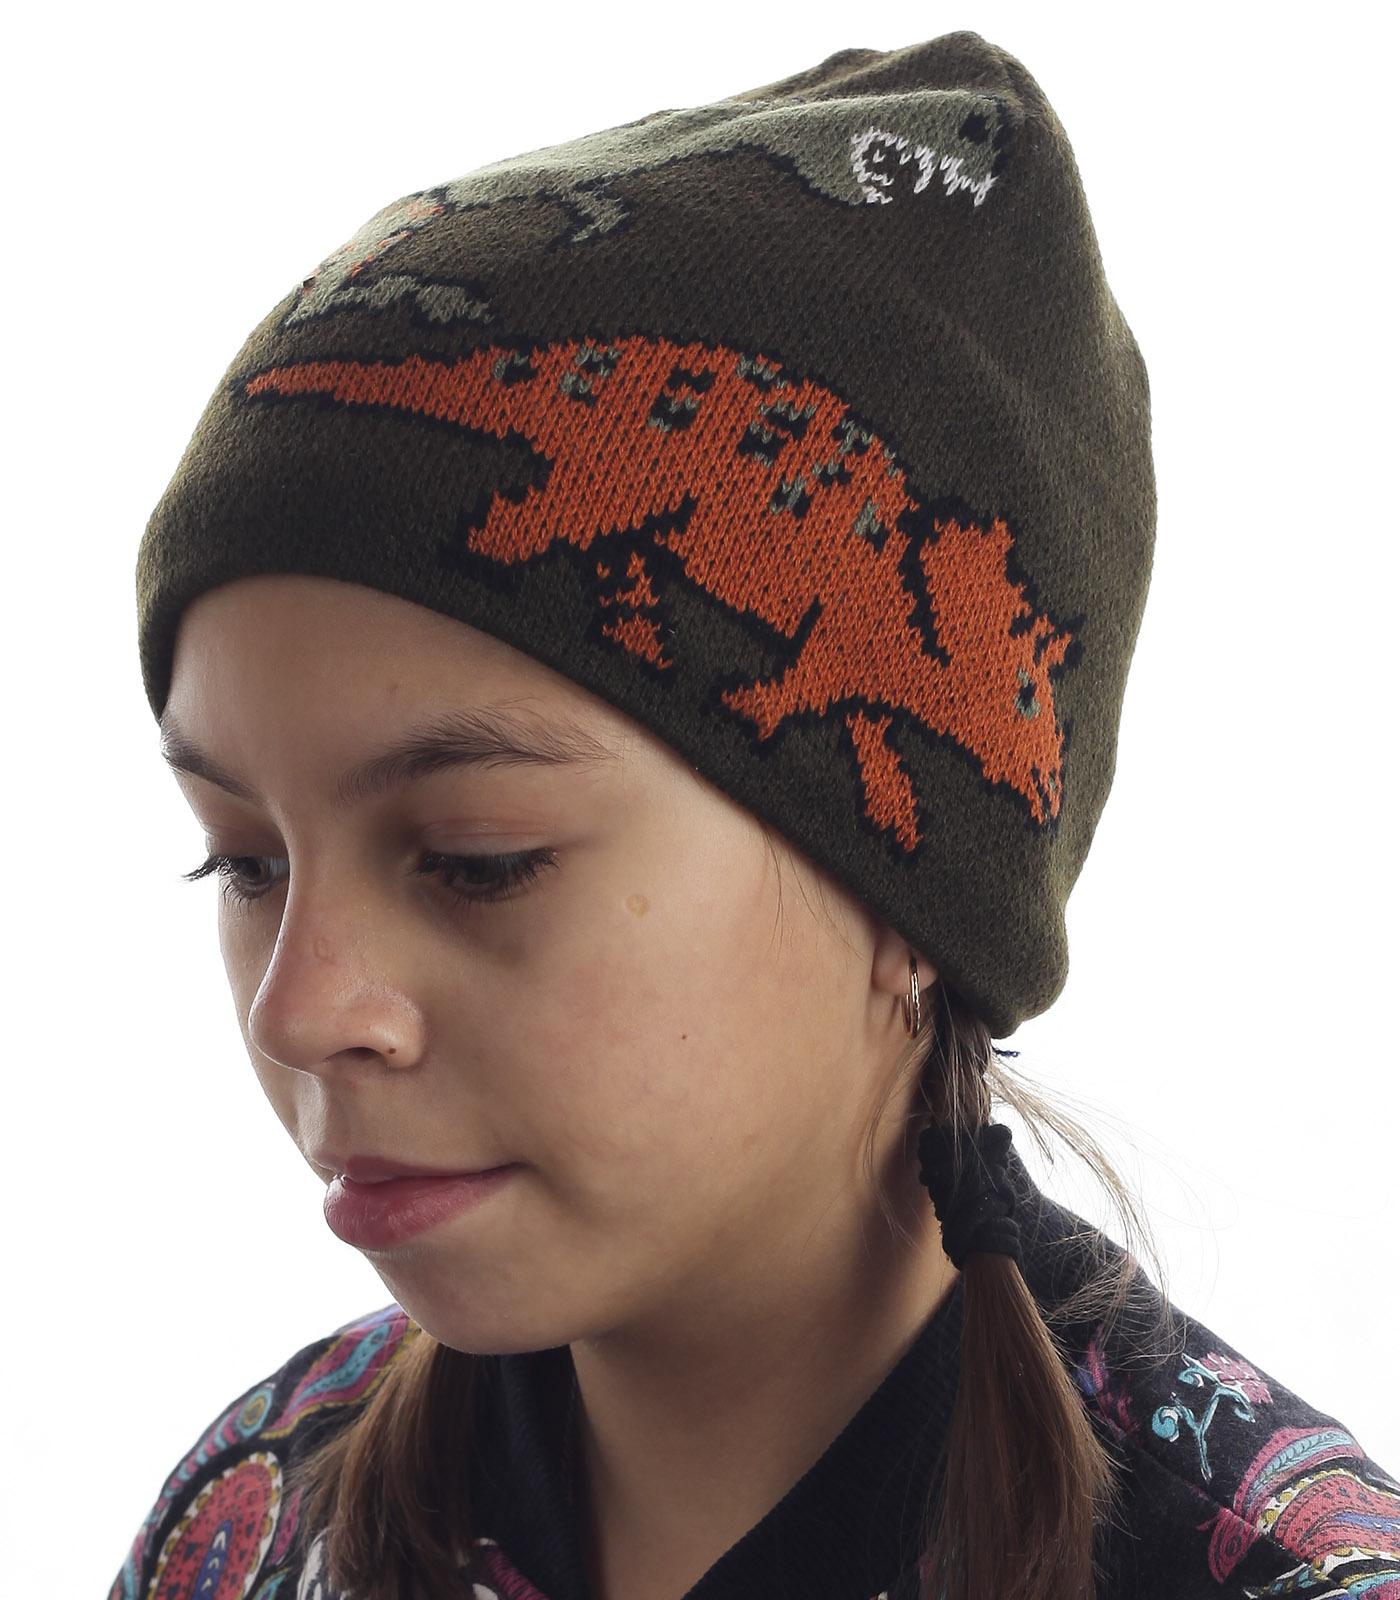 Правильная детская шапка на флисе. Надежно защищает от холода и ветра, не спадает и не давит. То, что нужно для подвижного ребенка